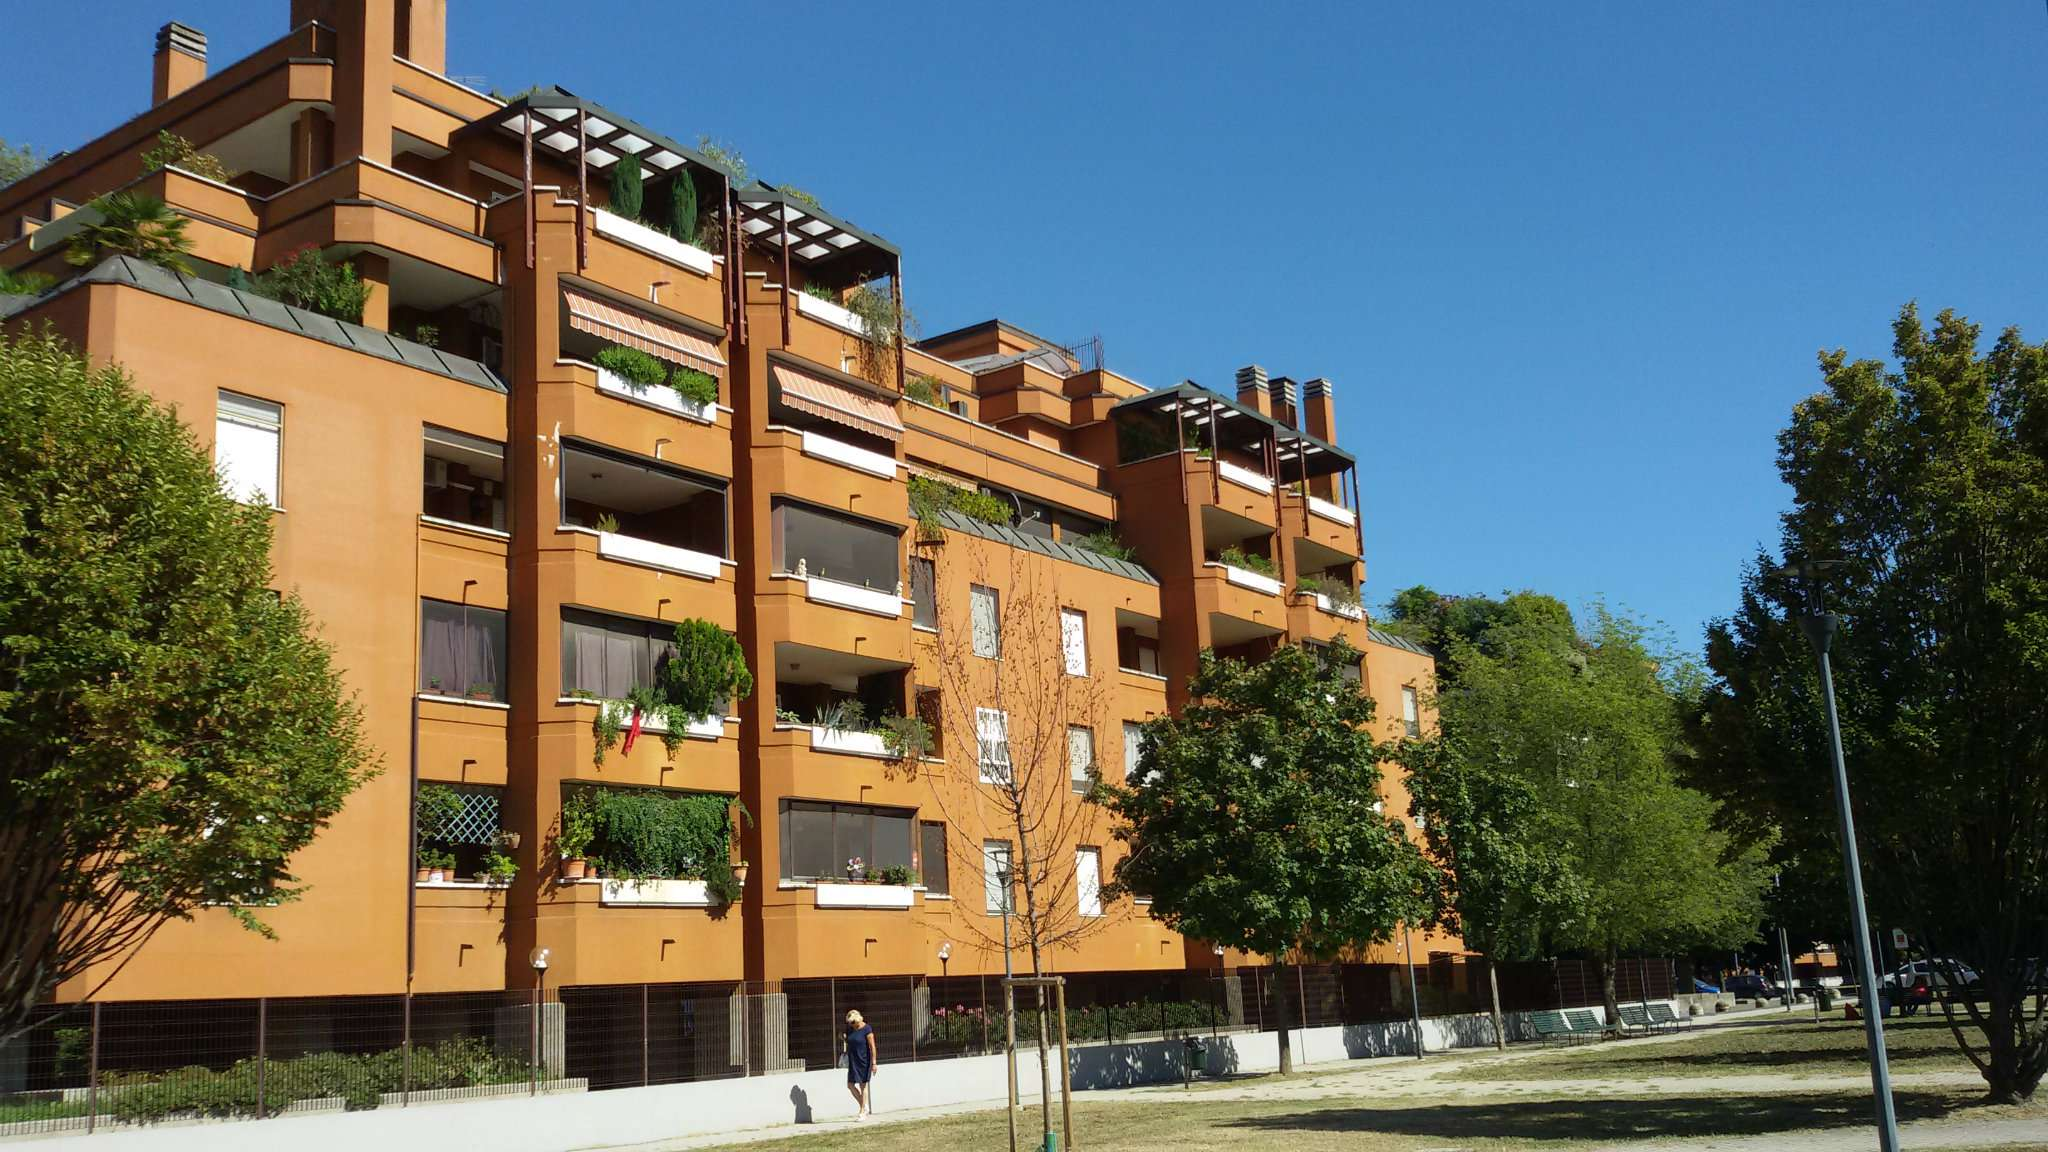 Appartamento in vendita 4 vani 130 mq.  via Ettore Bugatti 8 Milano